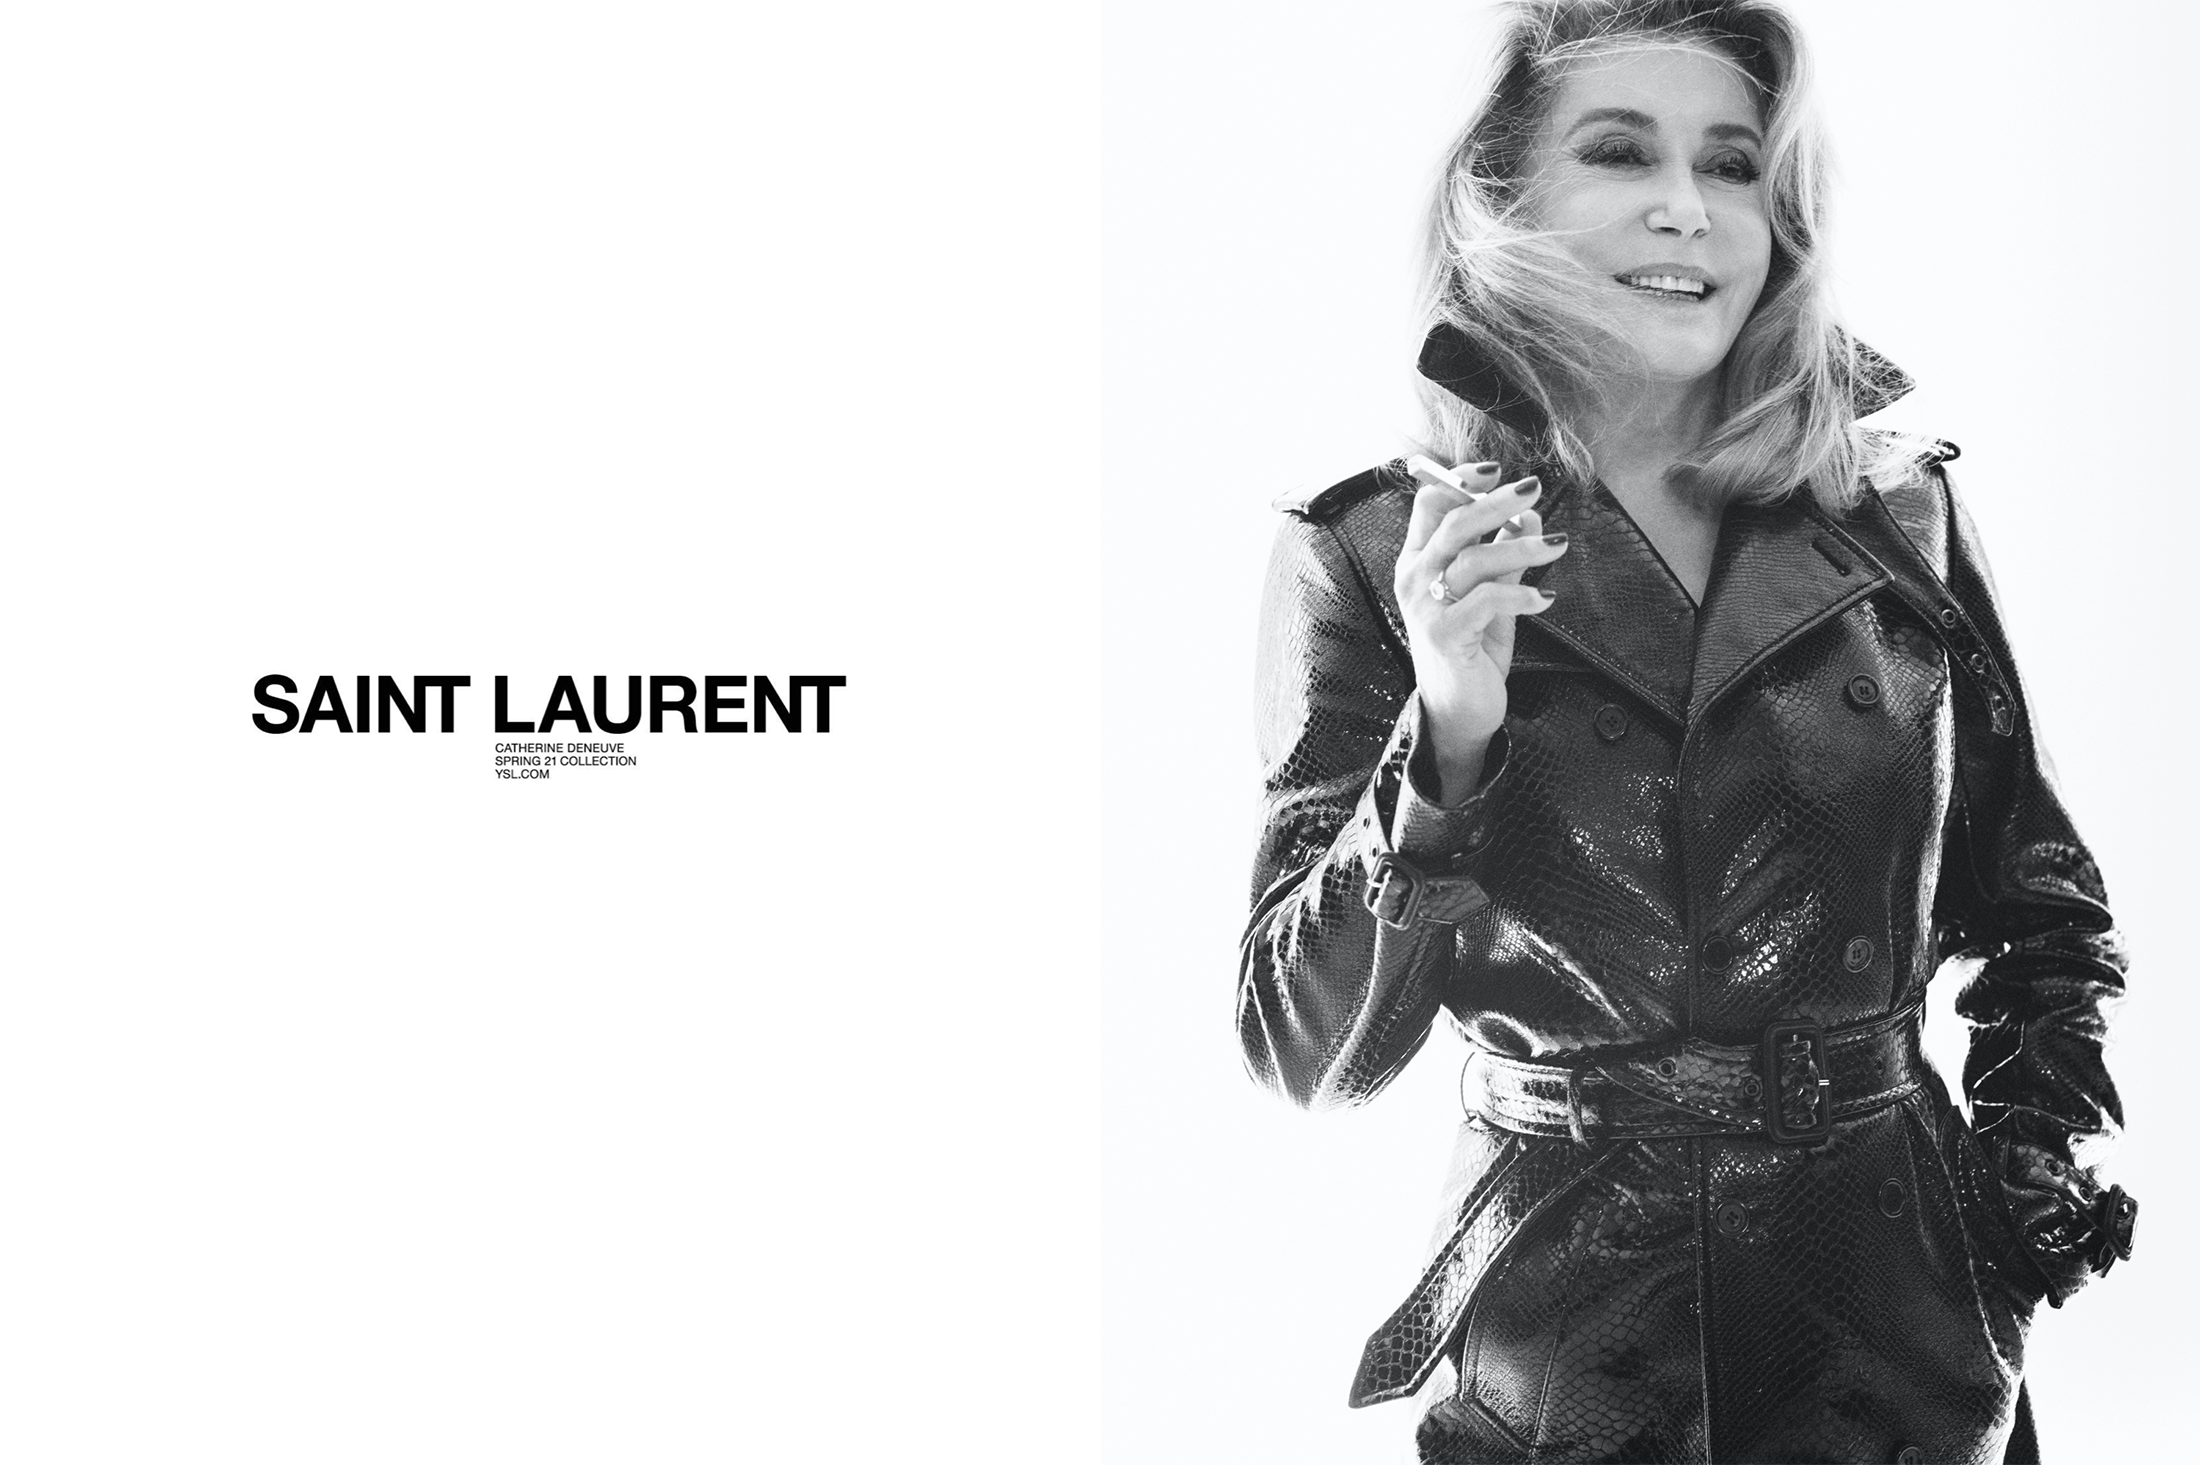 Saint Laurent Catherine Deneuve campaign